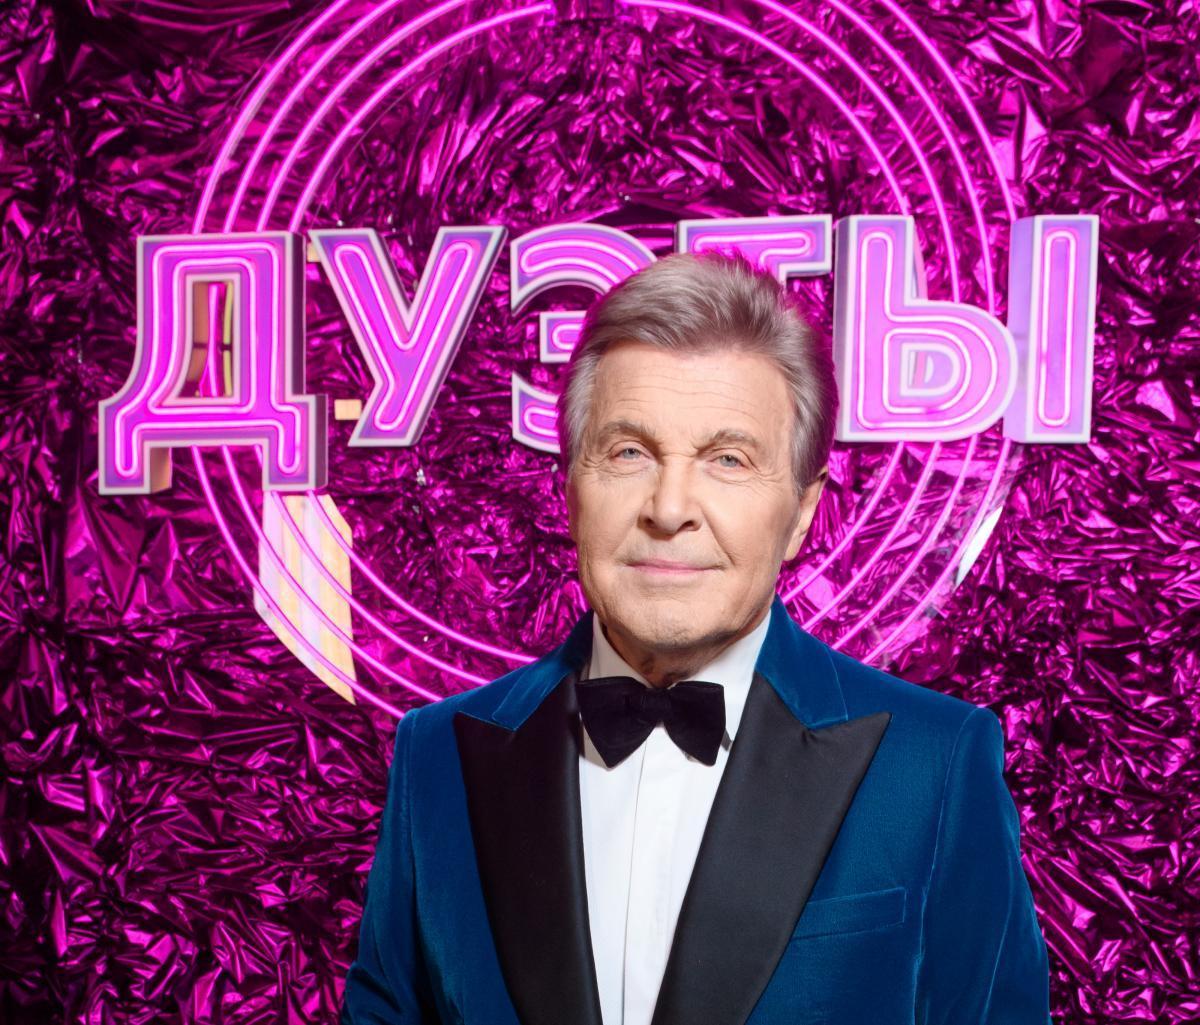 Телеканал «Россия» раскрыл первые имена участников нового музыкального гранд-шоу «Дуэты»